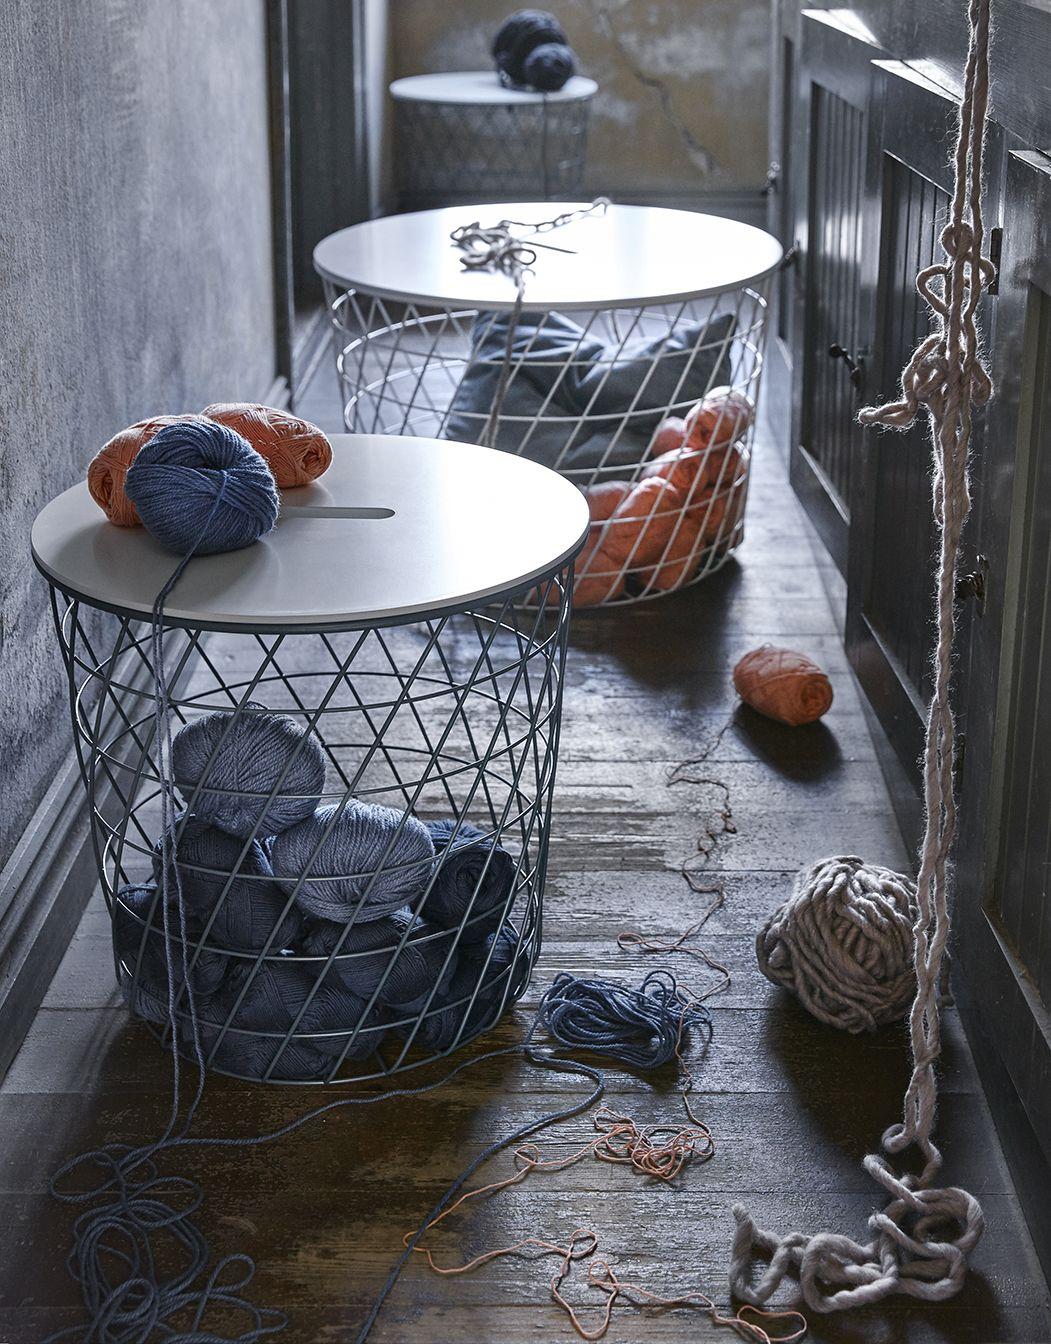 Fantastisk IKEA STUE KVISTBRO Bord med opbevaring. Du kan opbevare alt fra KQ11